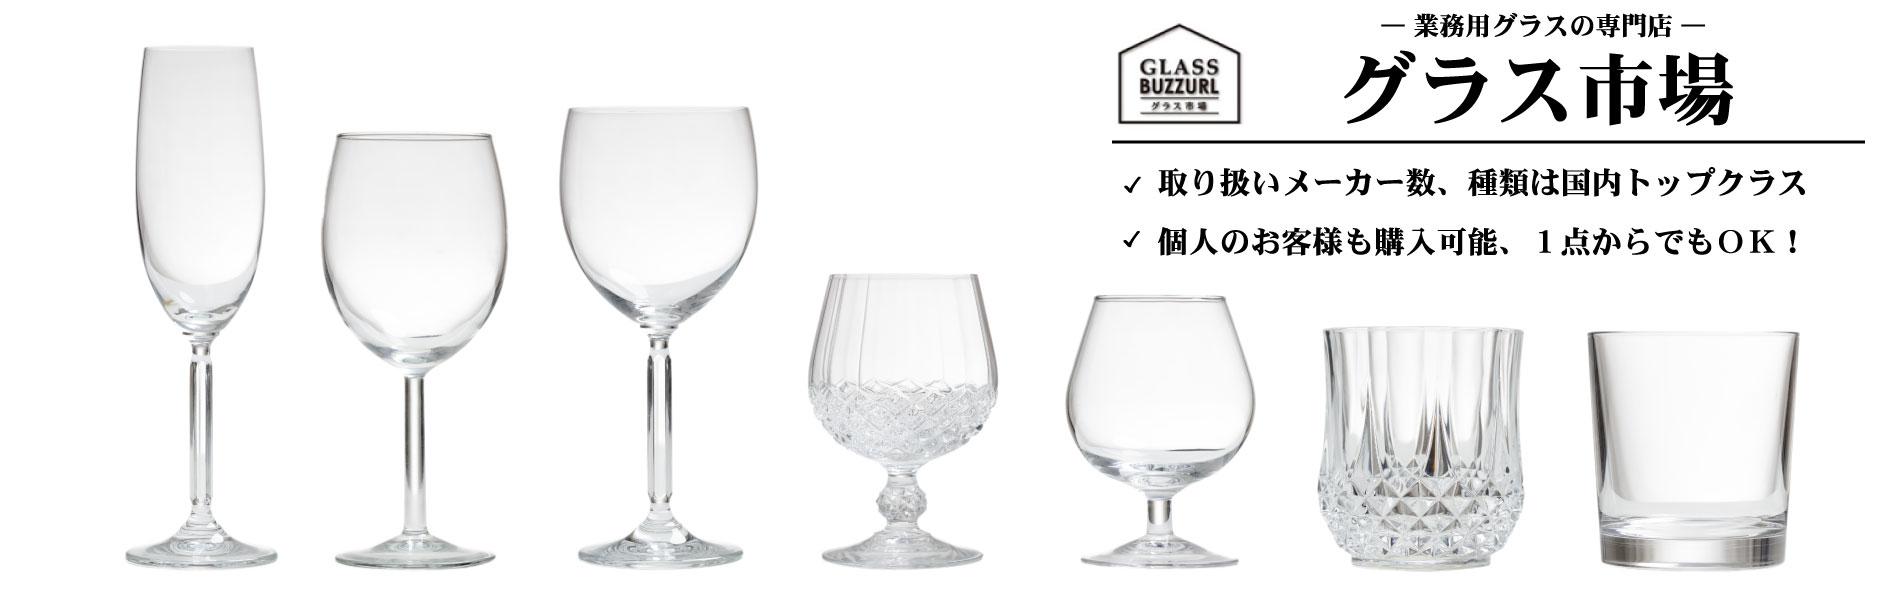 グラス市場 TOP